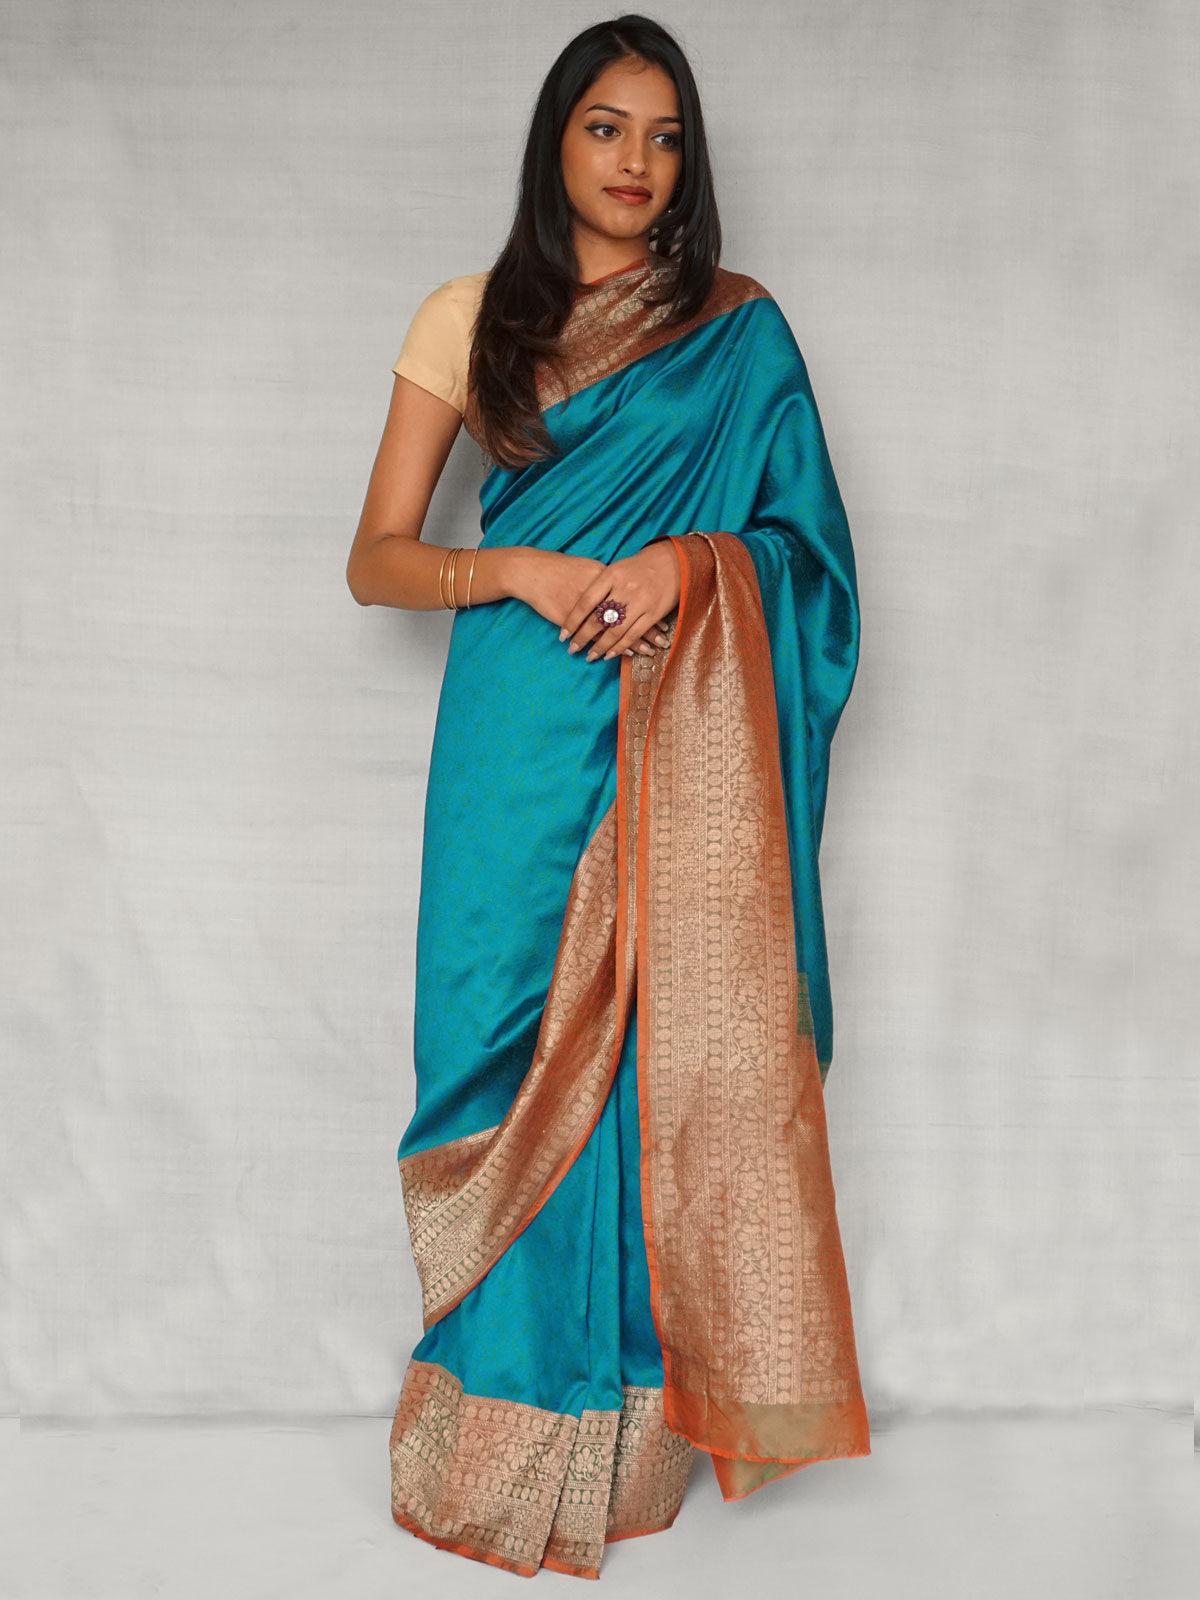 Warm Teal banarasi pure silk saree  with blouse.